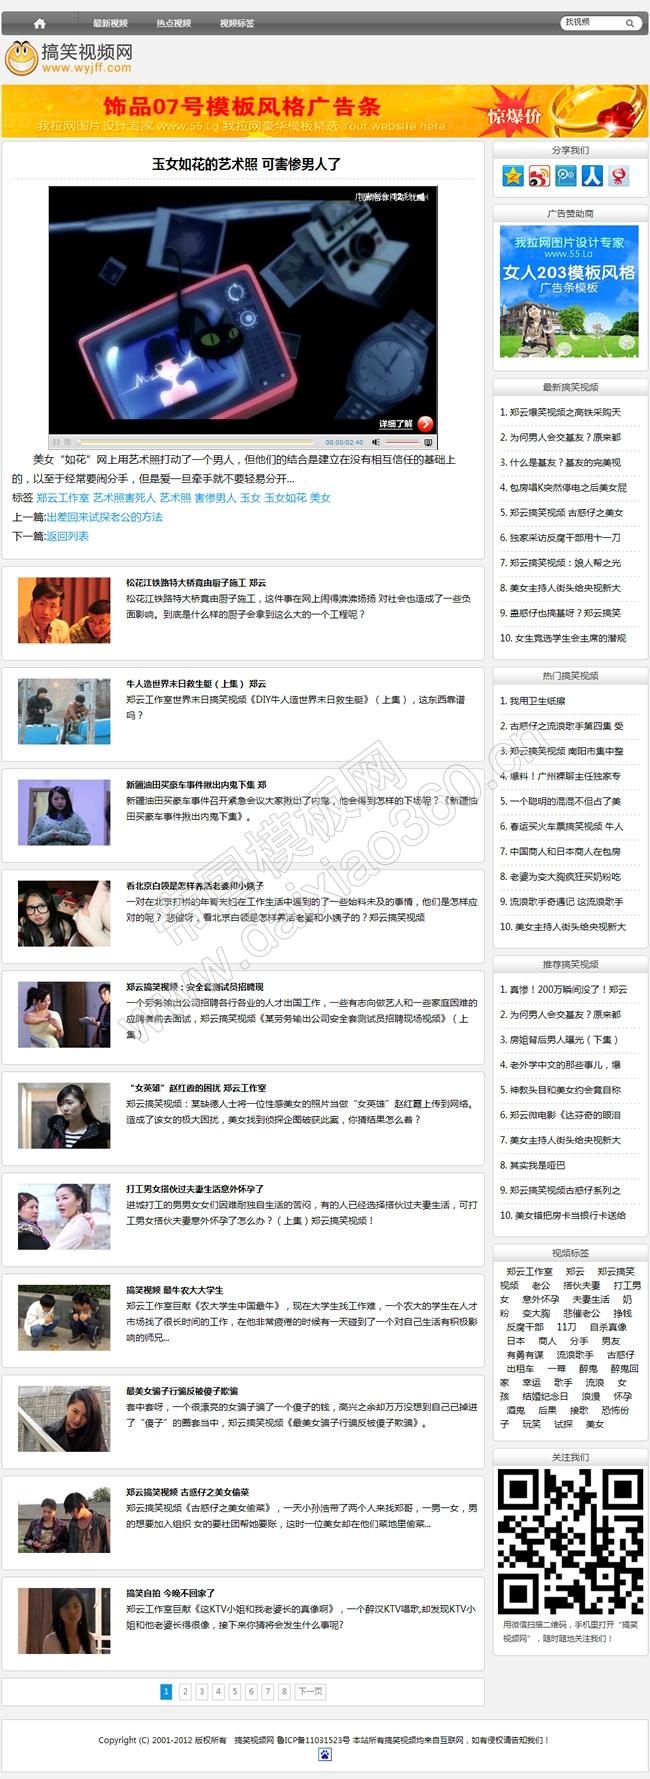 帝国cms博客类型新闻文章图片视频模板_内页